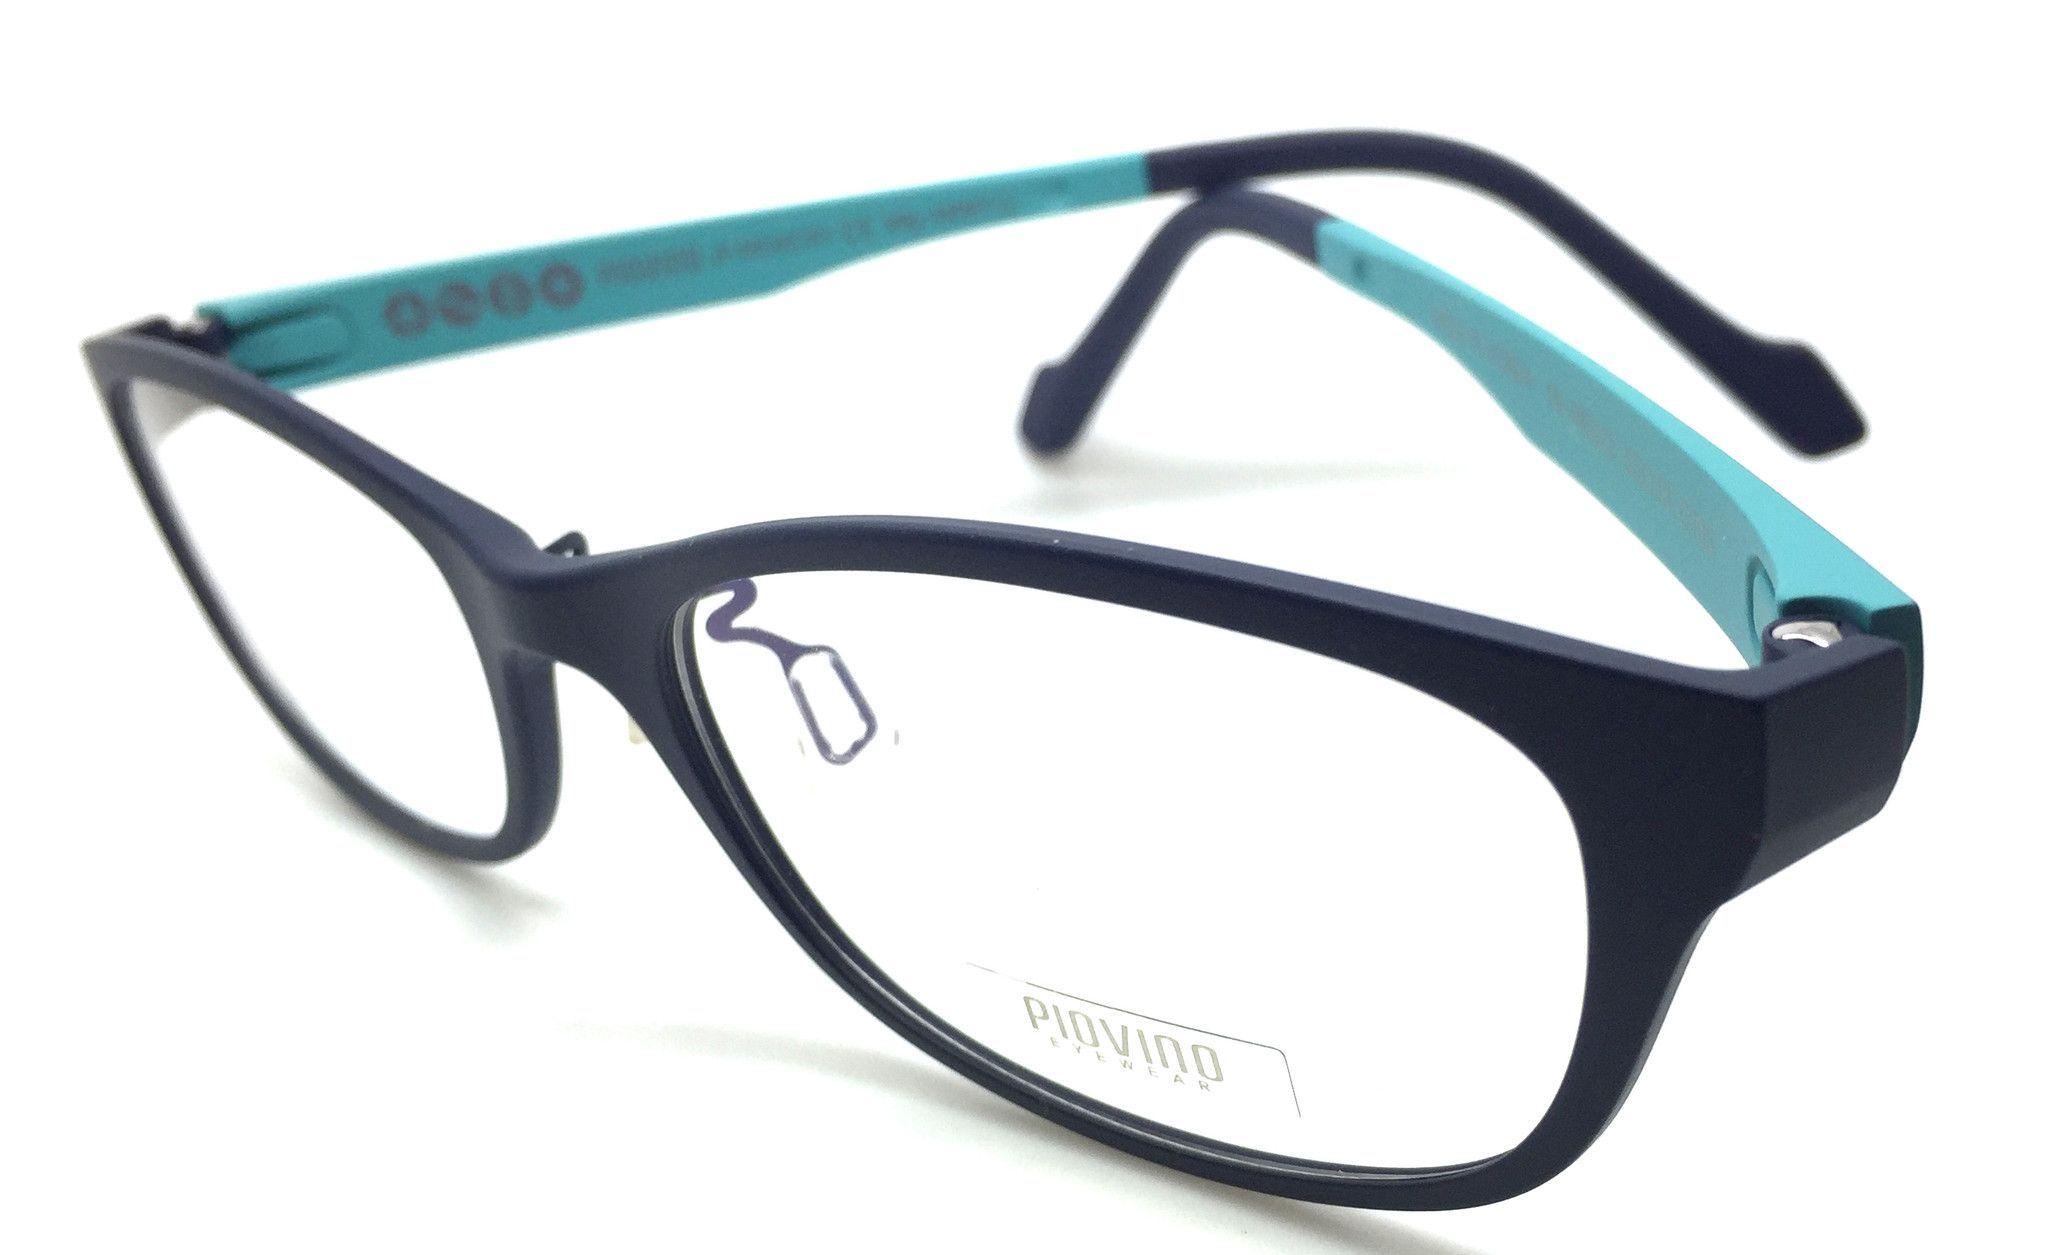 Prescription Eyeglasses Frame Super Light, Flexible PV 3022 C105 Ultem Frame